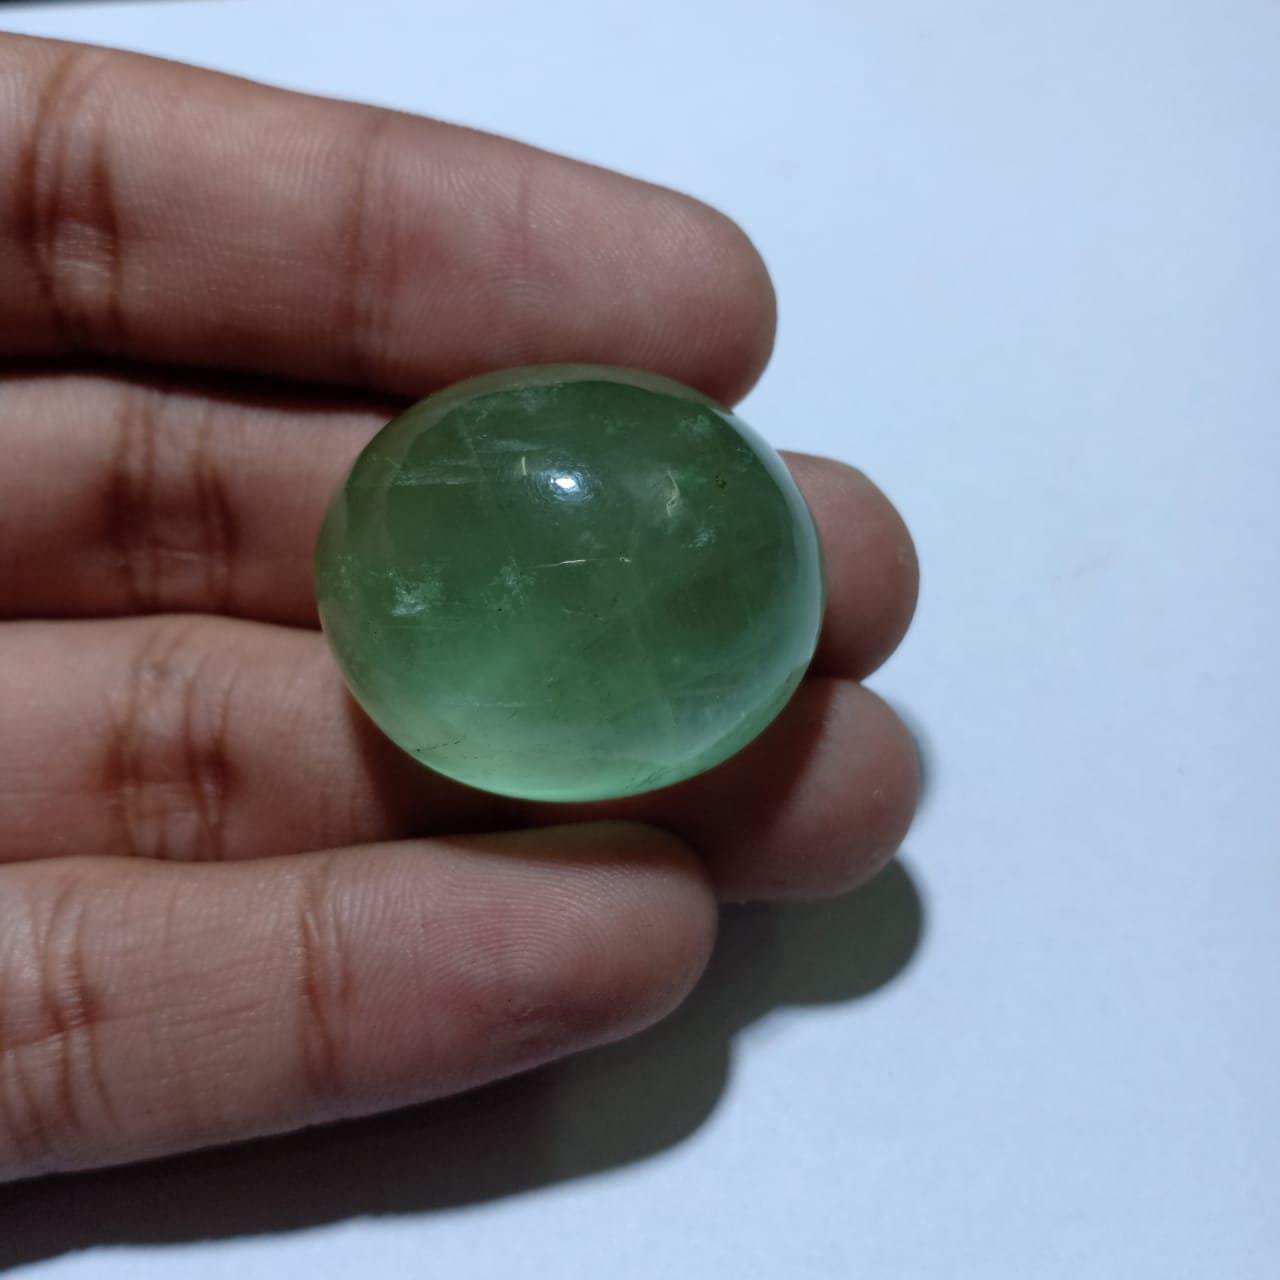 119.75 carat incroyable fluorine verte Cabochon pierres pour précieuses naturelles pour pierres GreenFlourite Cabochon Pierre taille 30 x 25 x 18 mm environ de fabrication de bijoux 35142b